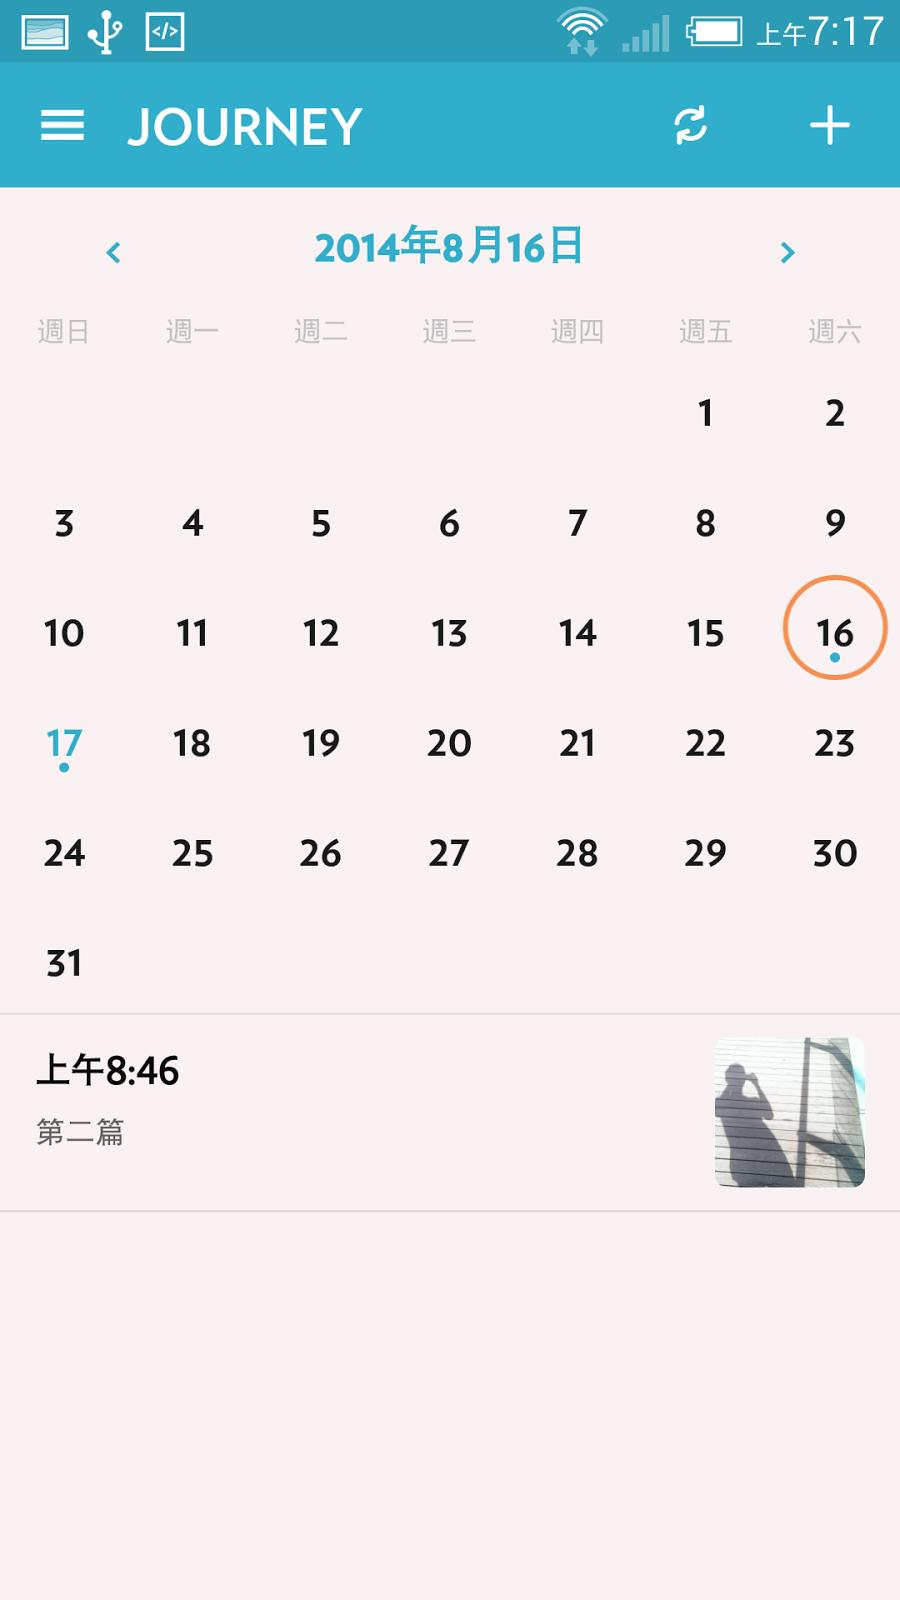 14款高質感介面設計的Android App嘗鮮推薦|數位時代